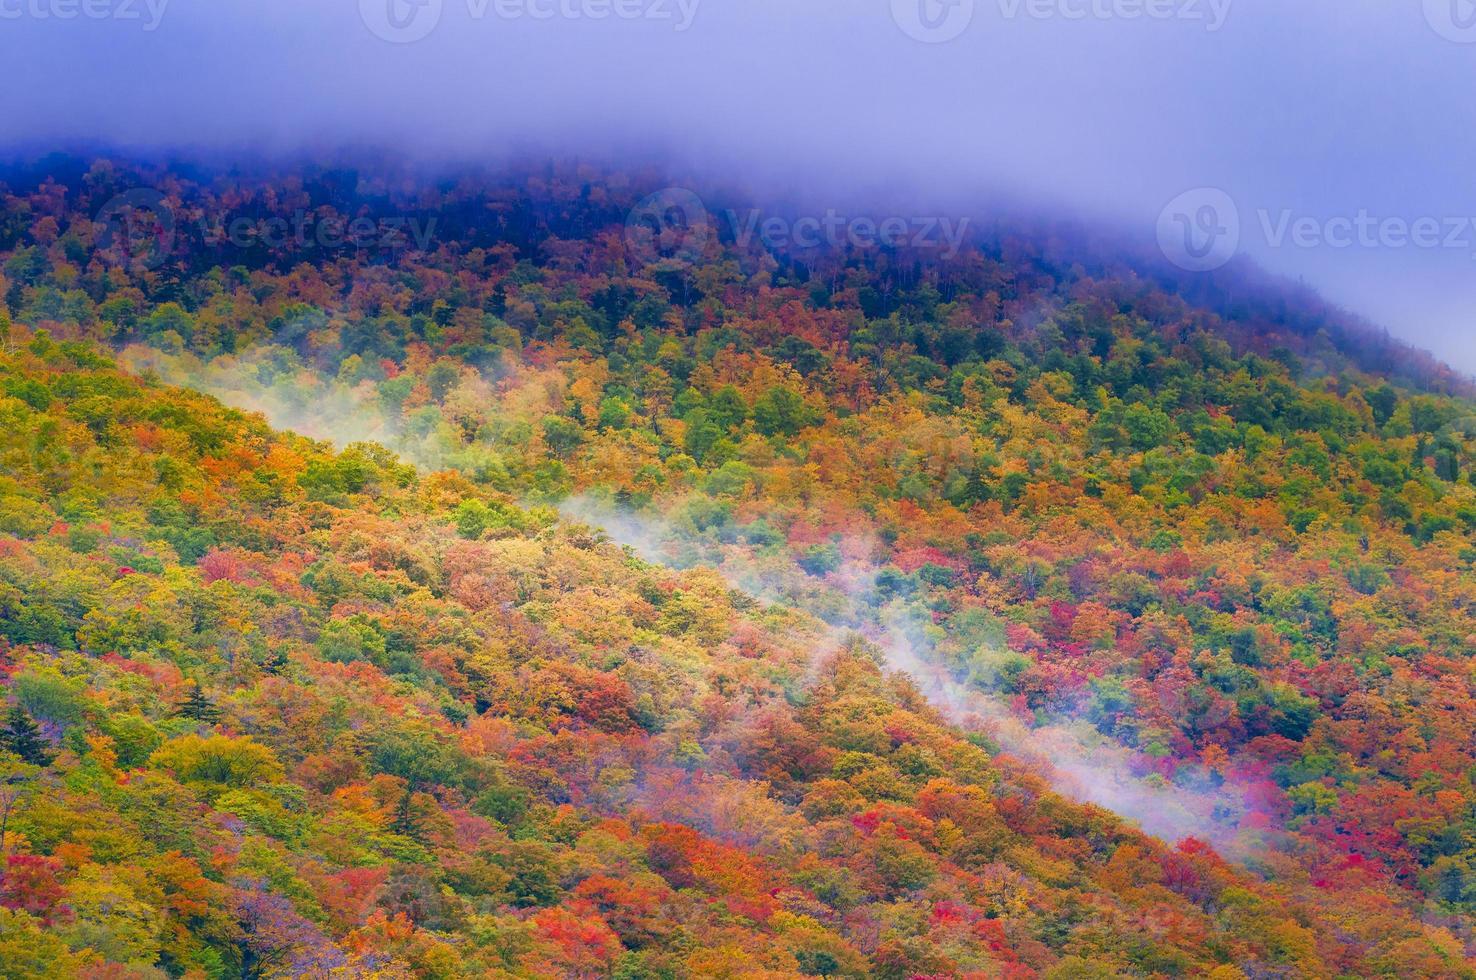 alberi colorati d'autunno. foto